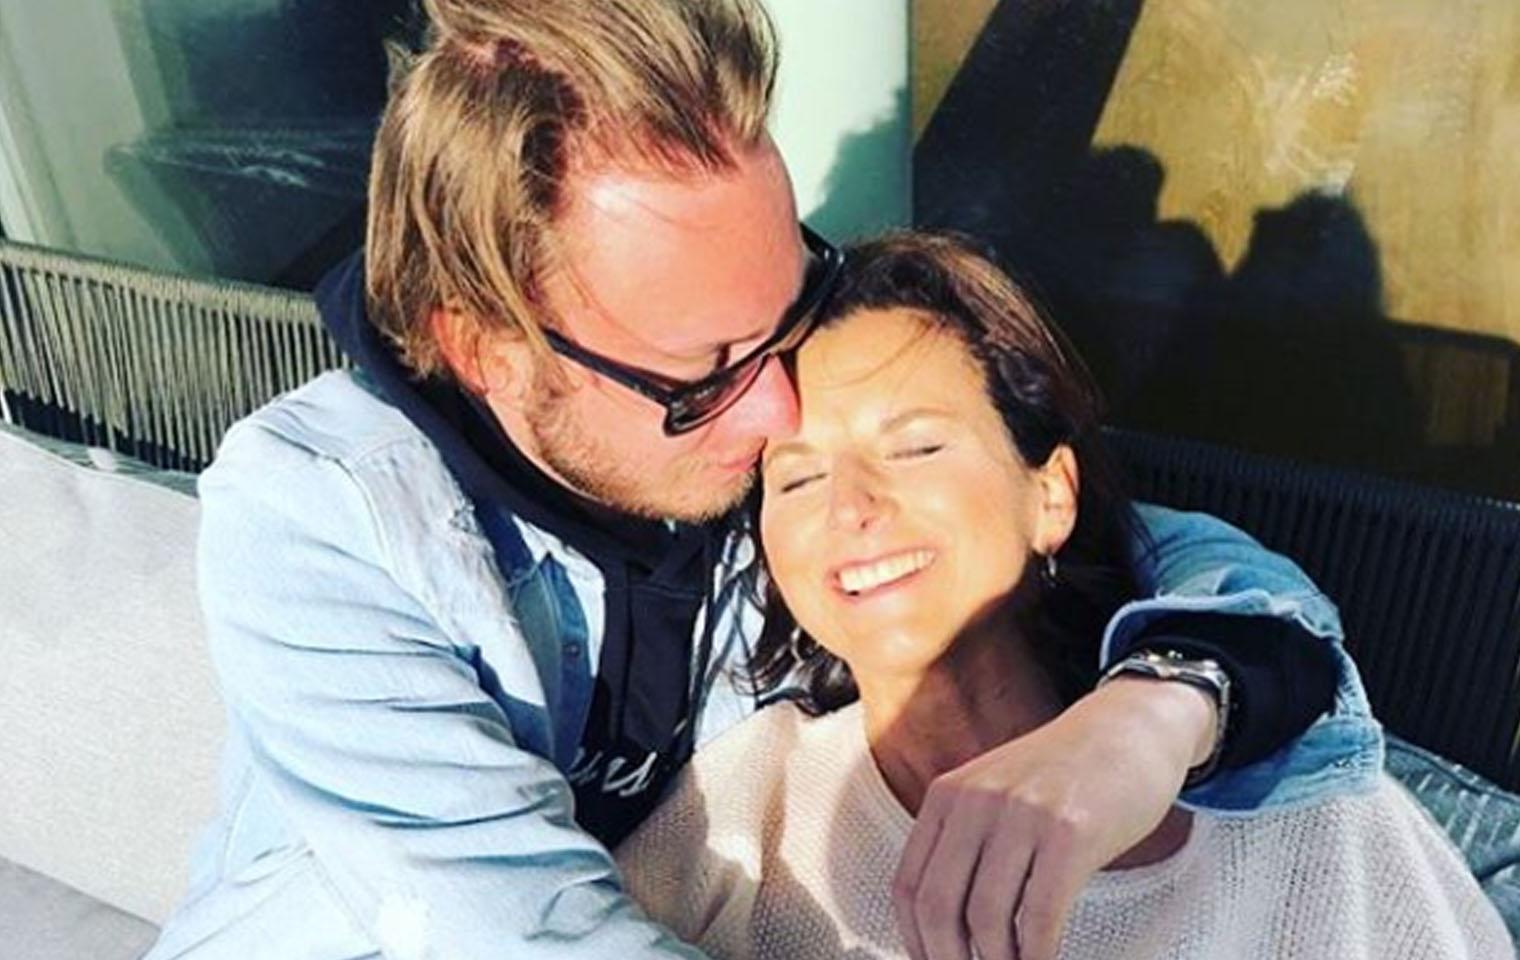 Promis unter Palmen: Claudia Obert kuschelt mit neuem Freund